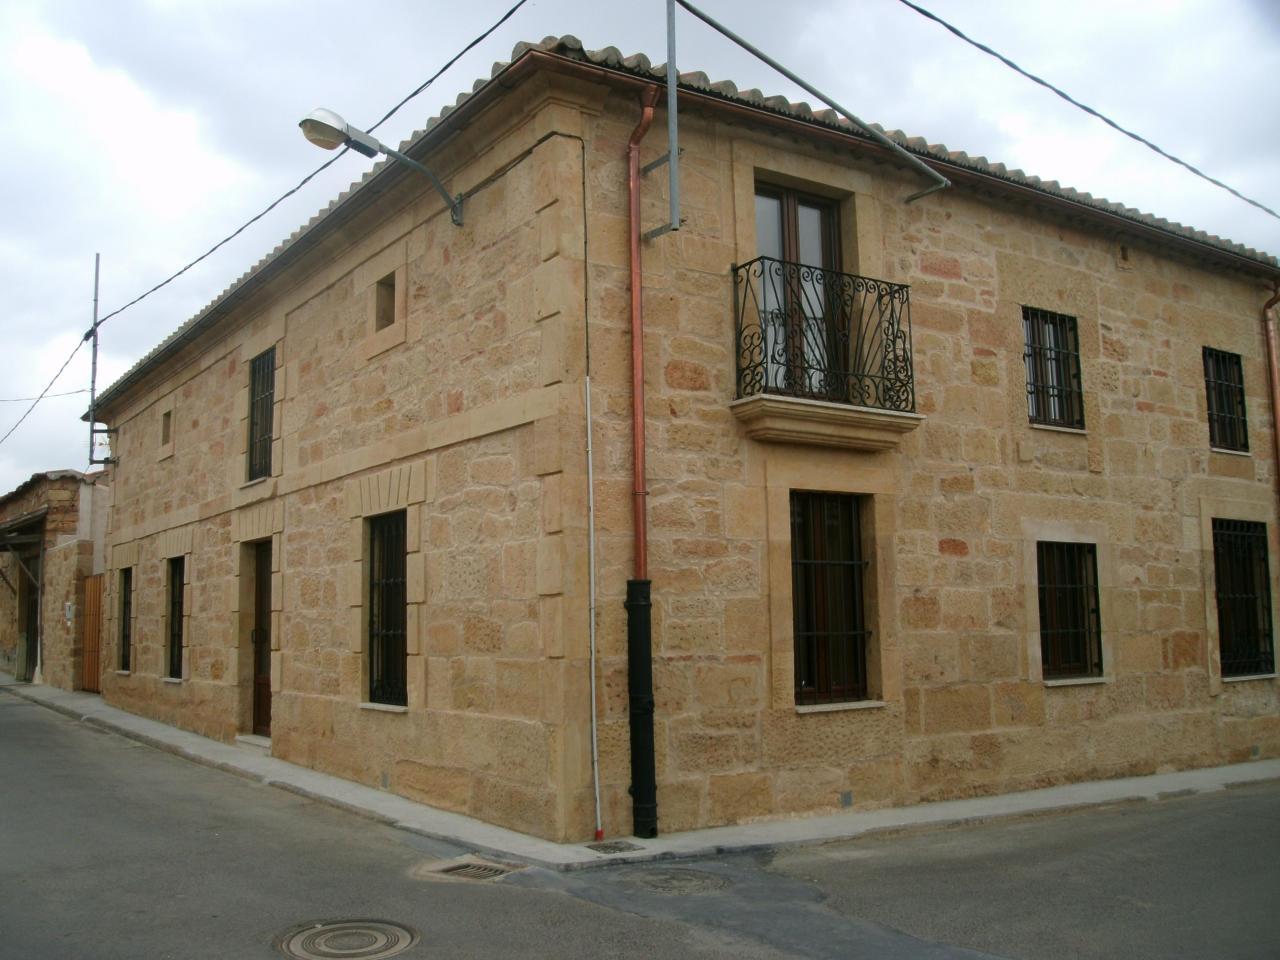 Alquiler vacaciones en Aldearrubia, Salamanca